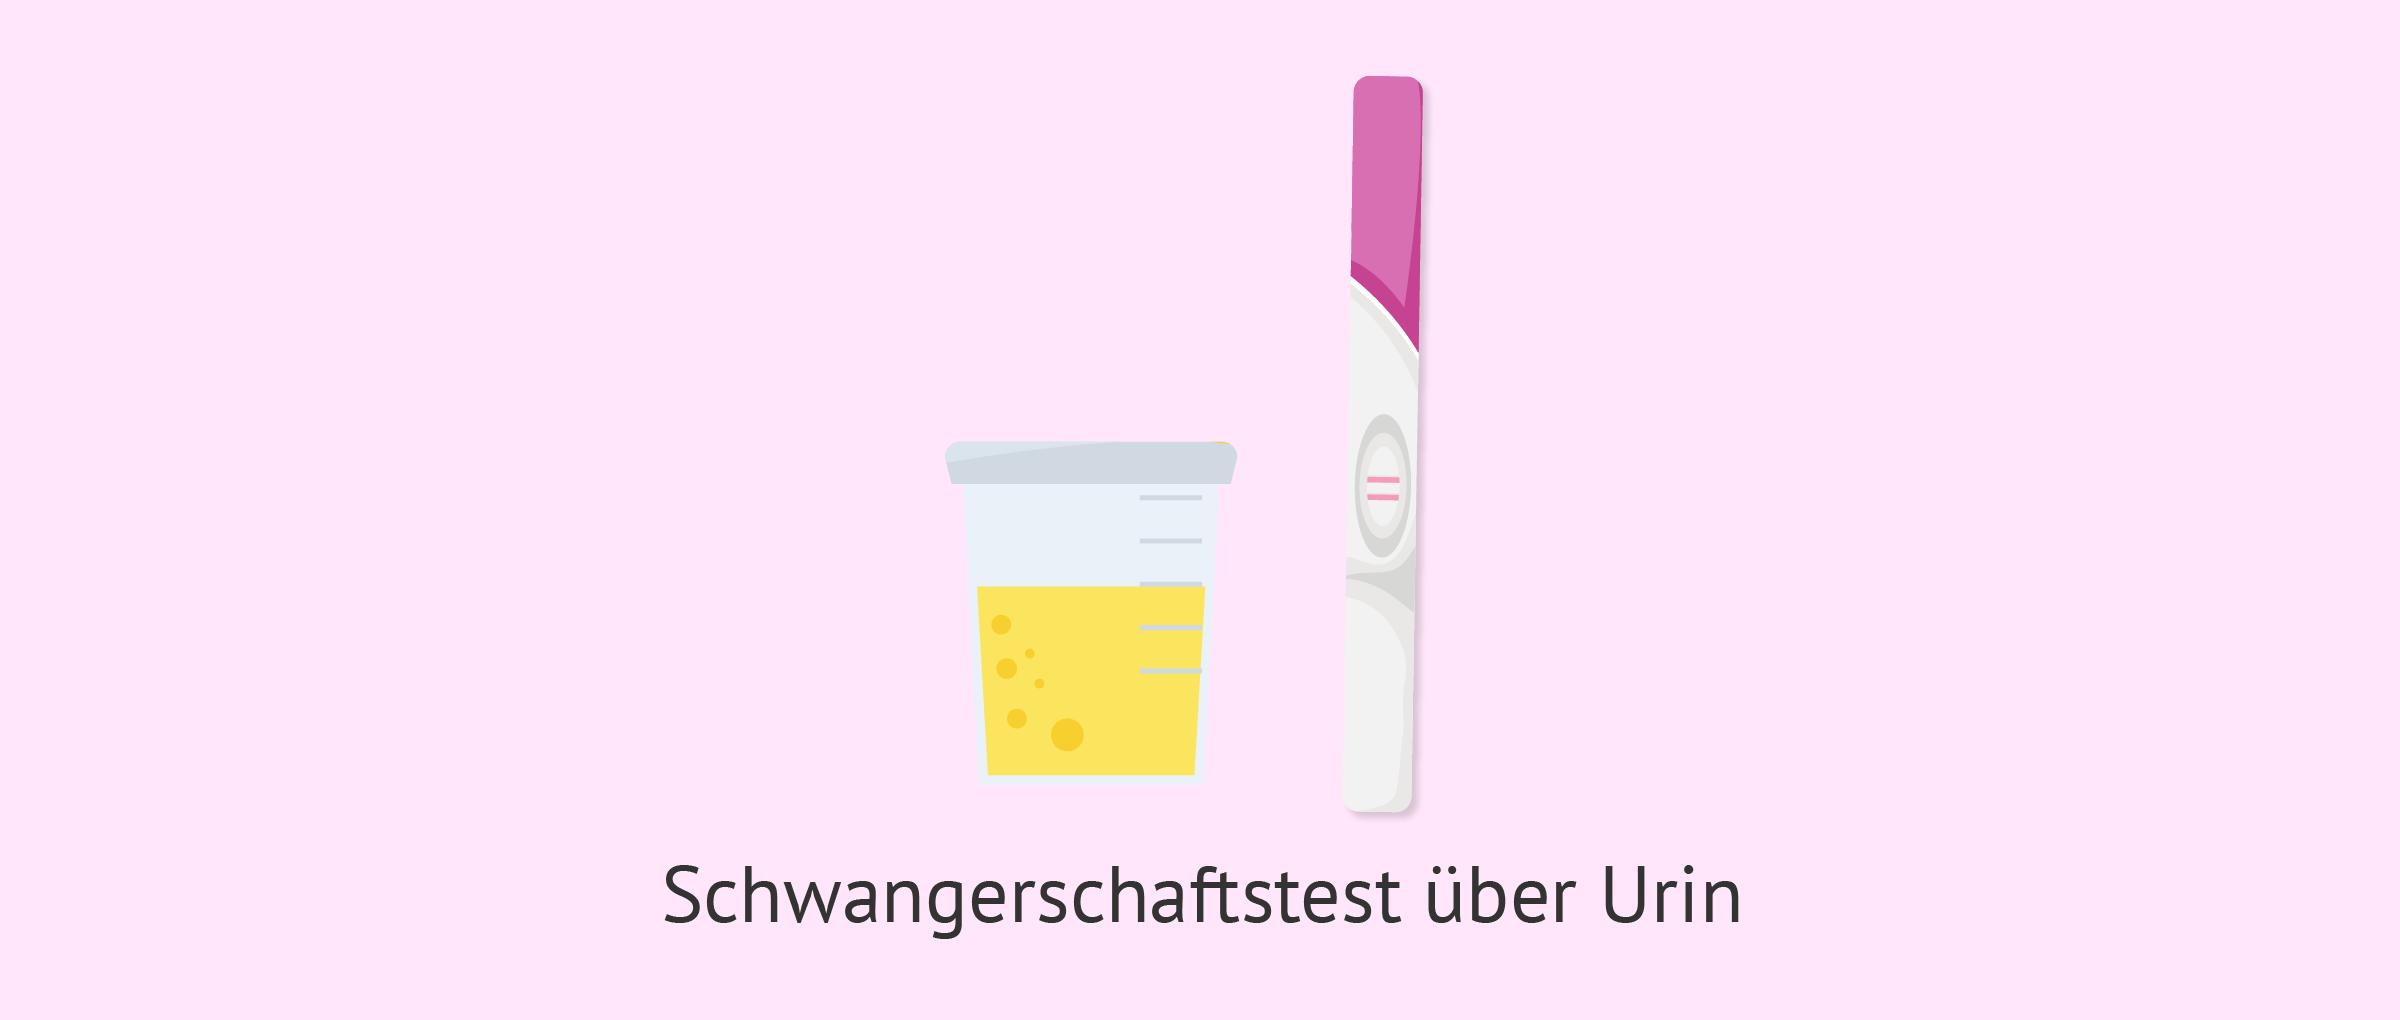 Schwangerschaftstest über Urin